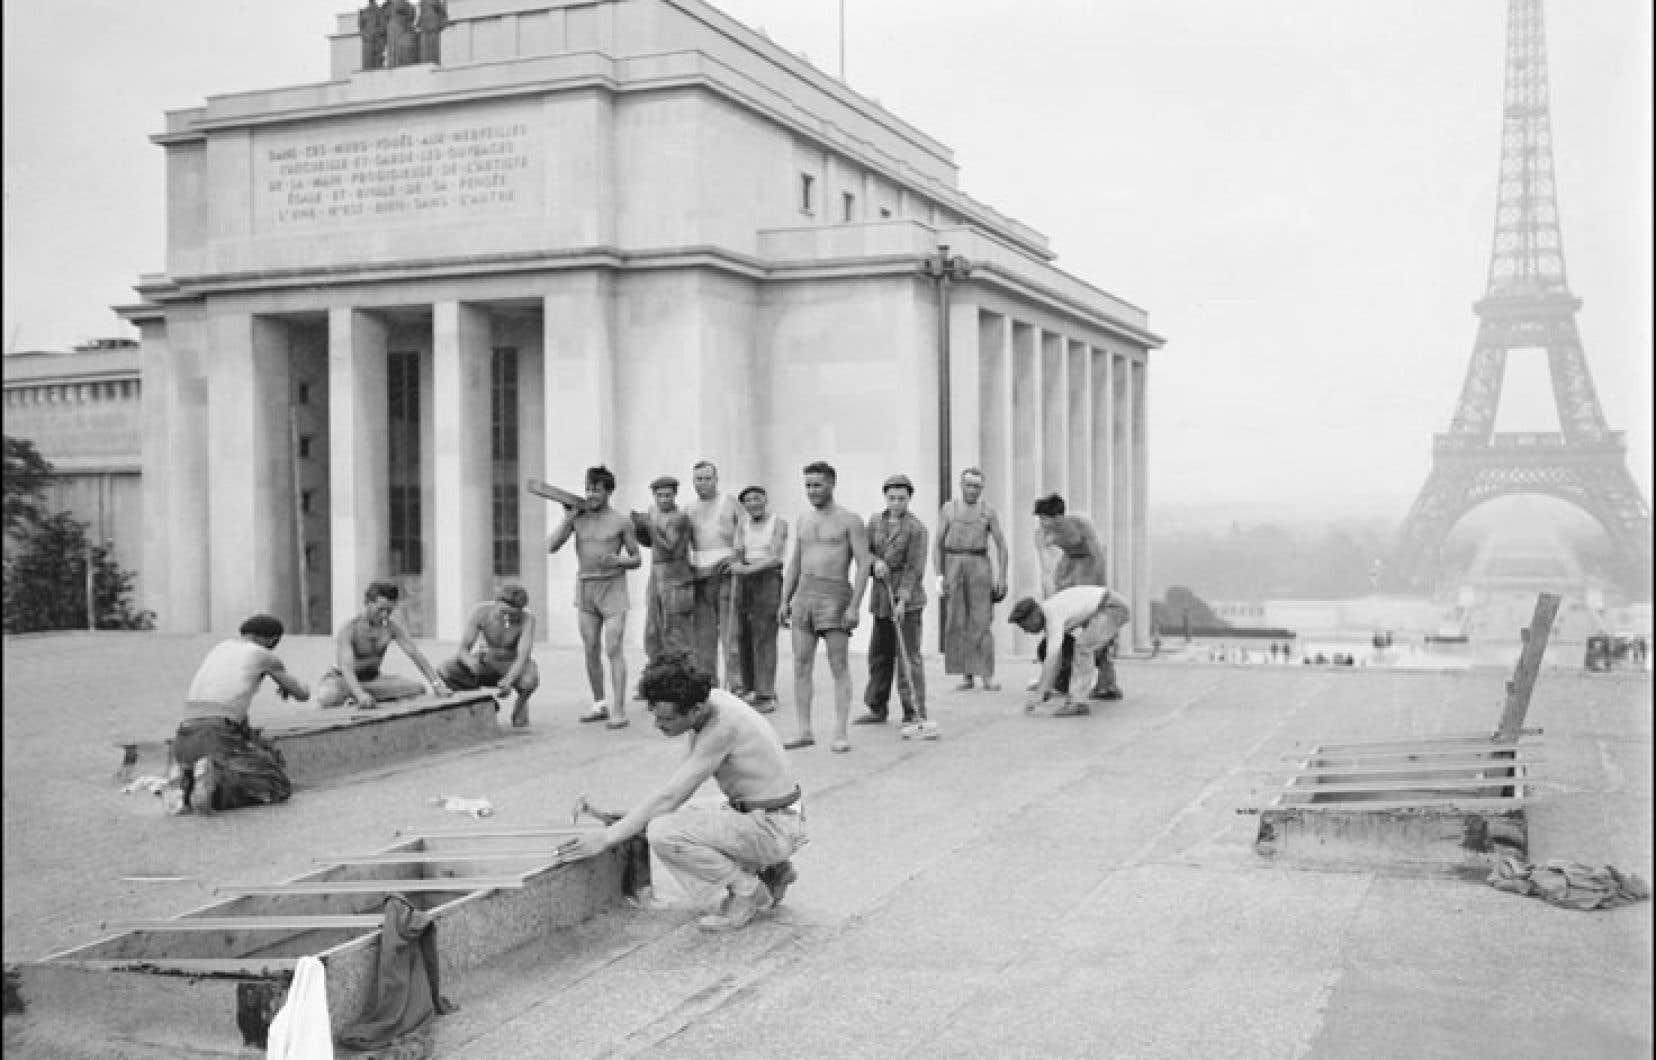 Des travailleurs préparent le palais de Chaillot à la venue de la délégation internationale qui adopta la Déclaration universelle des droits de l'homme, en 1948. 27 ans plus tard, en 1975, le Québec adoptera sa Charte des droits et libertés de la personne, une idée d'abord impulsée par le professeur Morin.